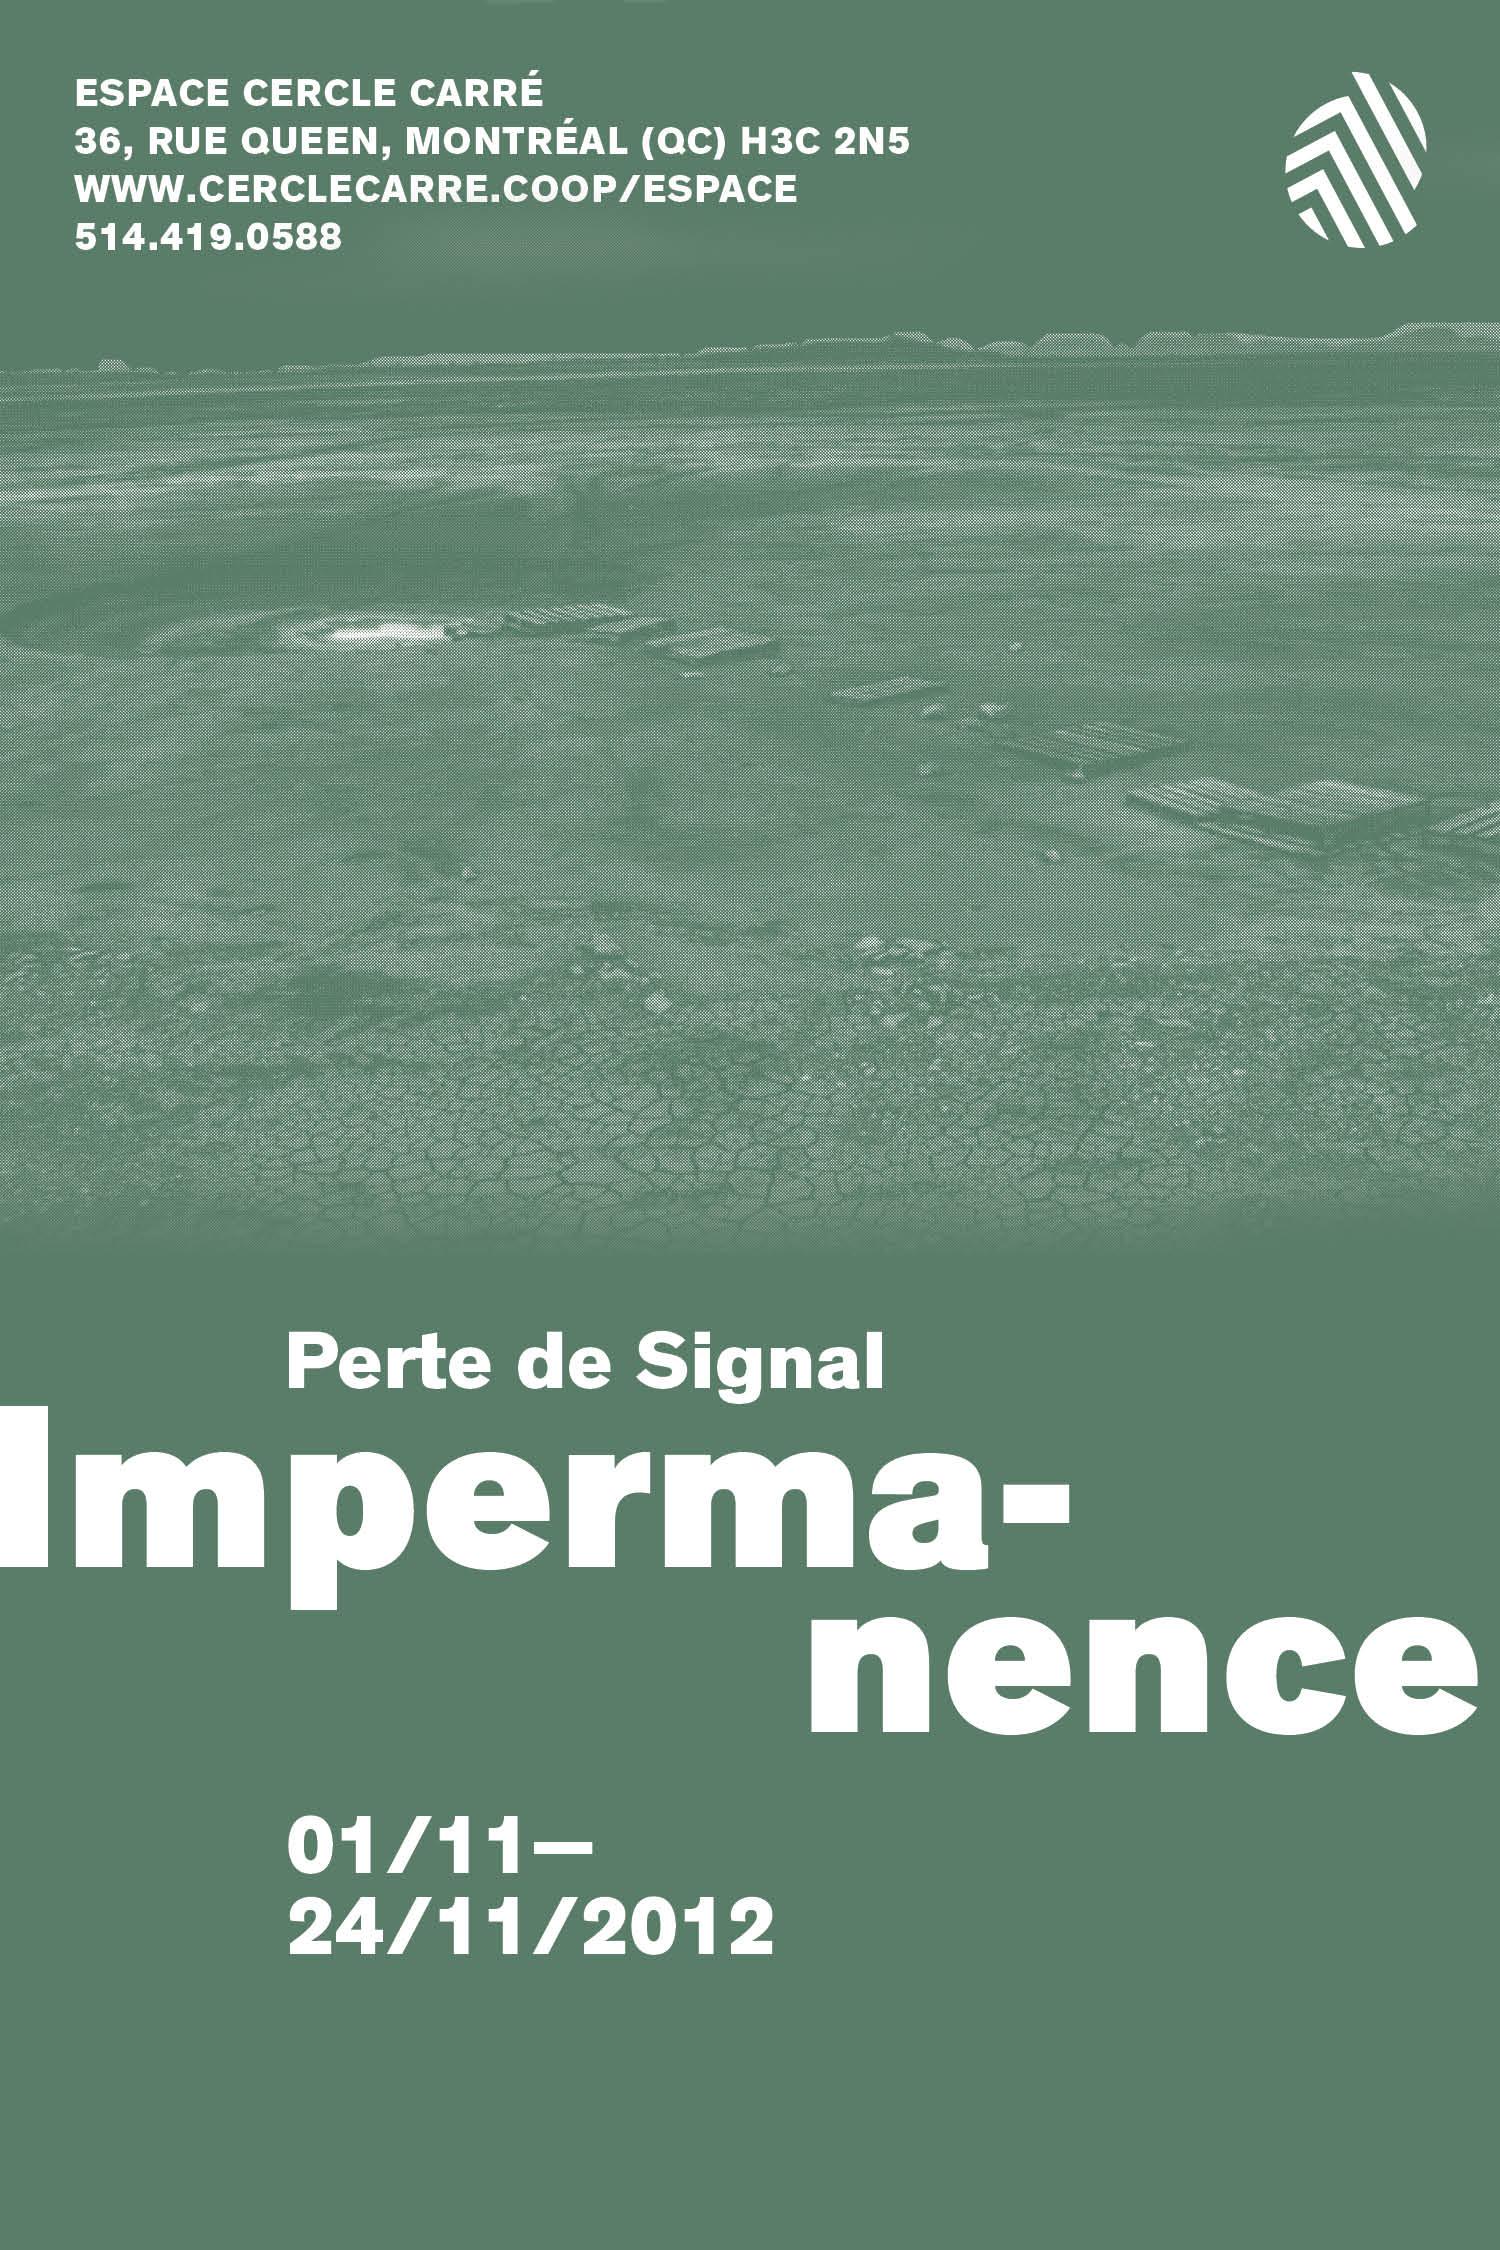 perte-de-signal-2